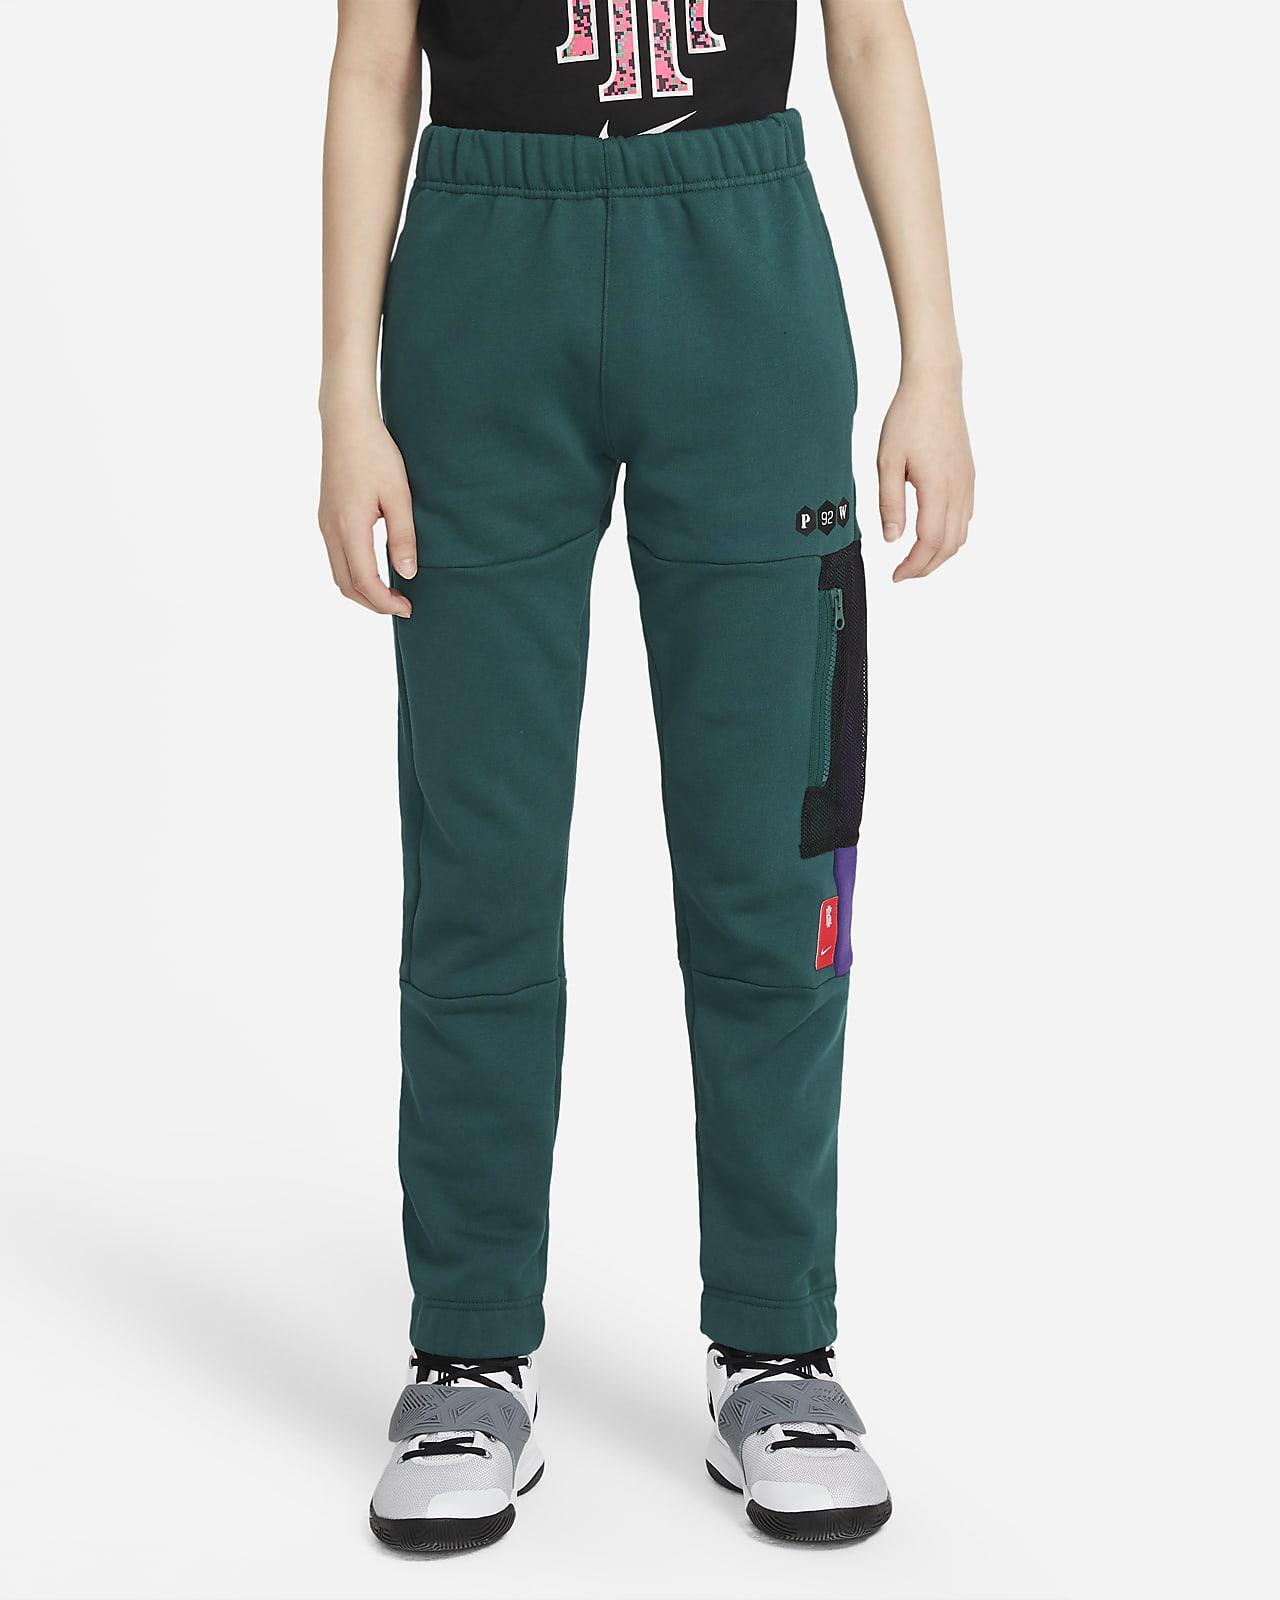 Pantalones para niños talla grande Kyrie